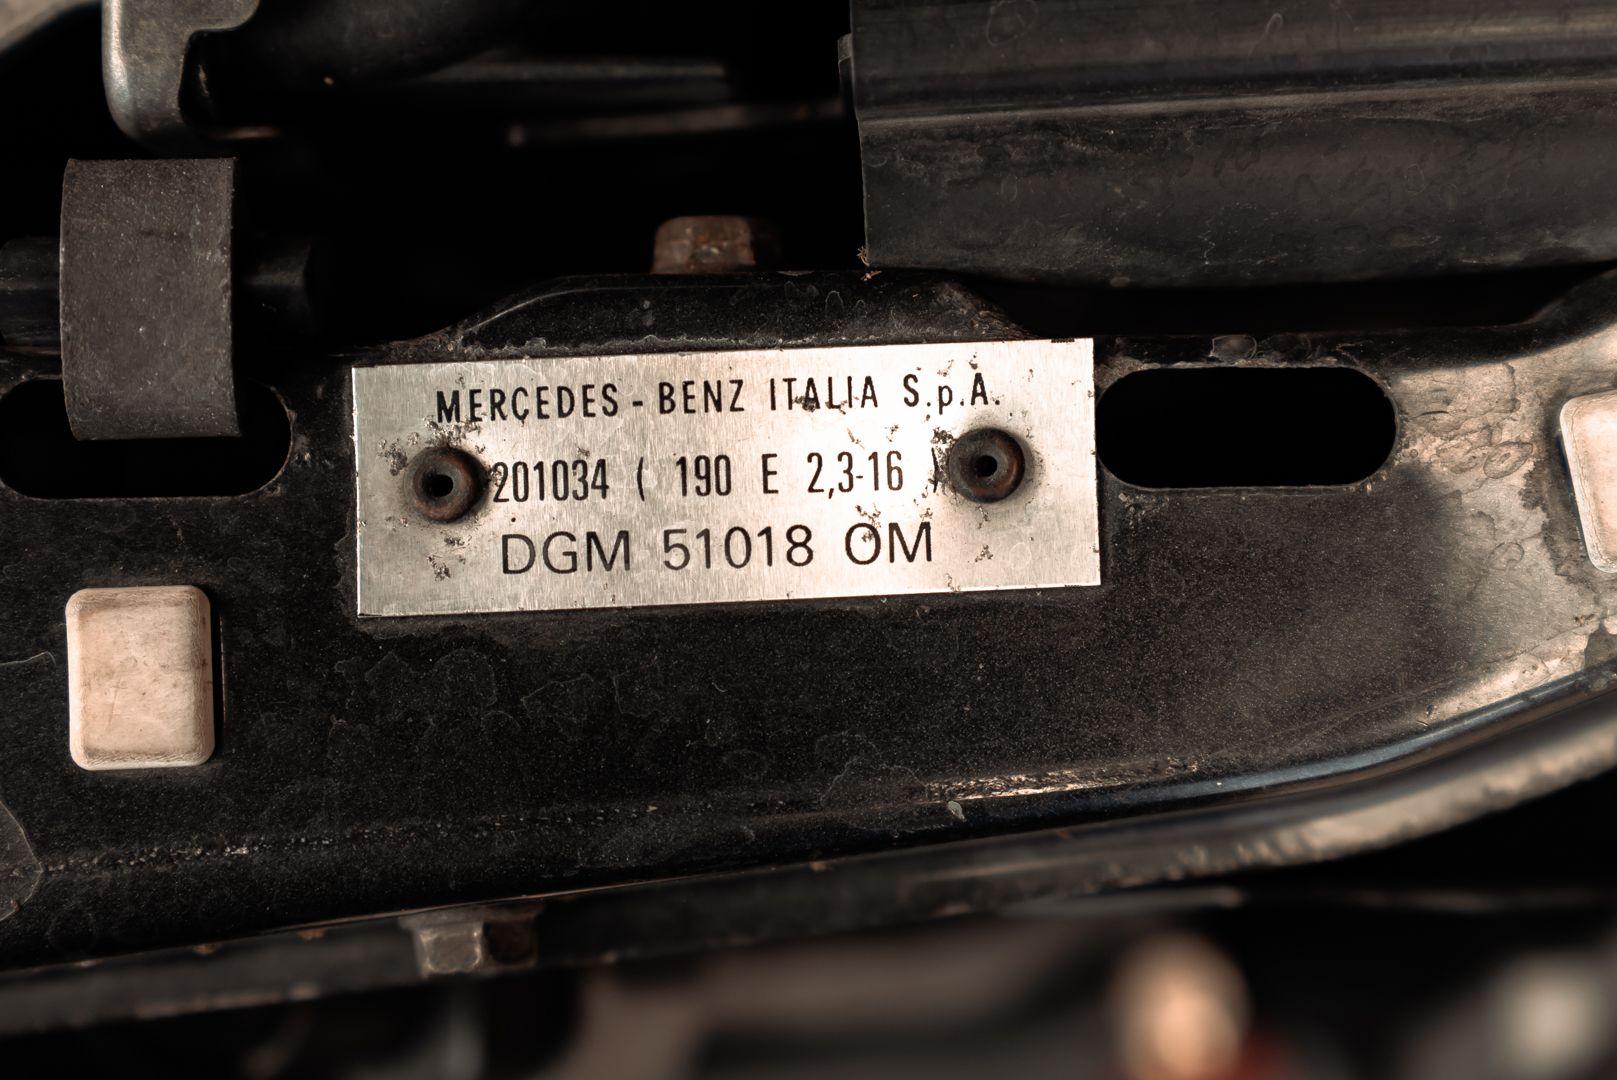 1985 Mercedes-Benz 190E 2.3-16 71373